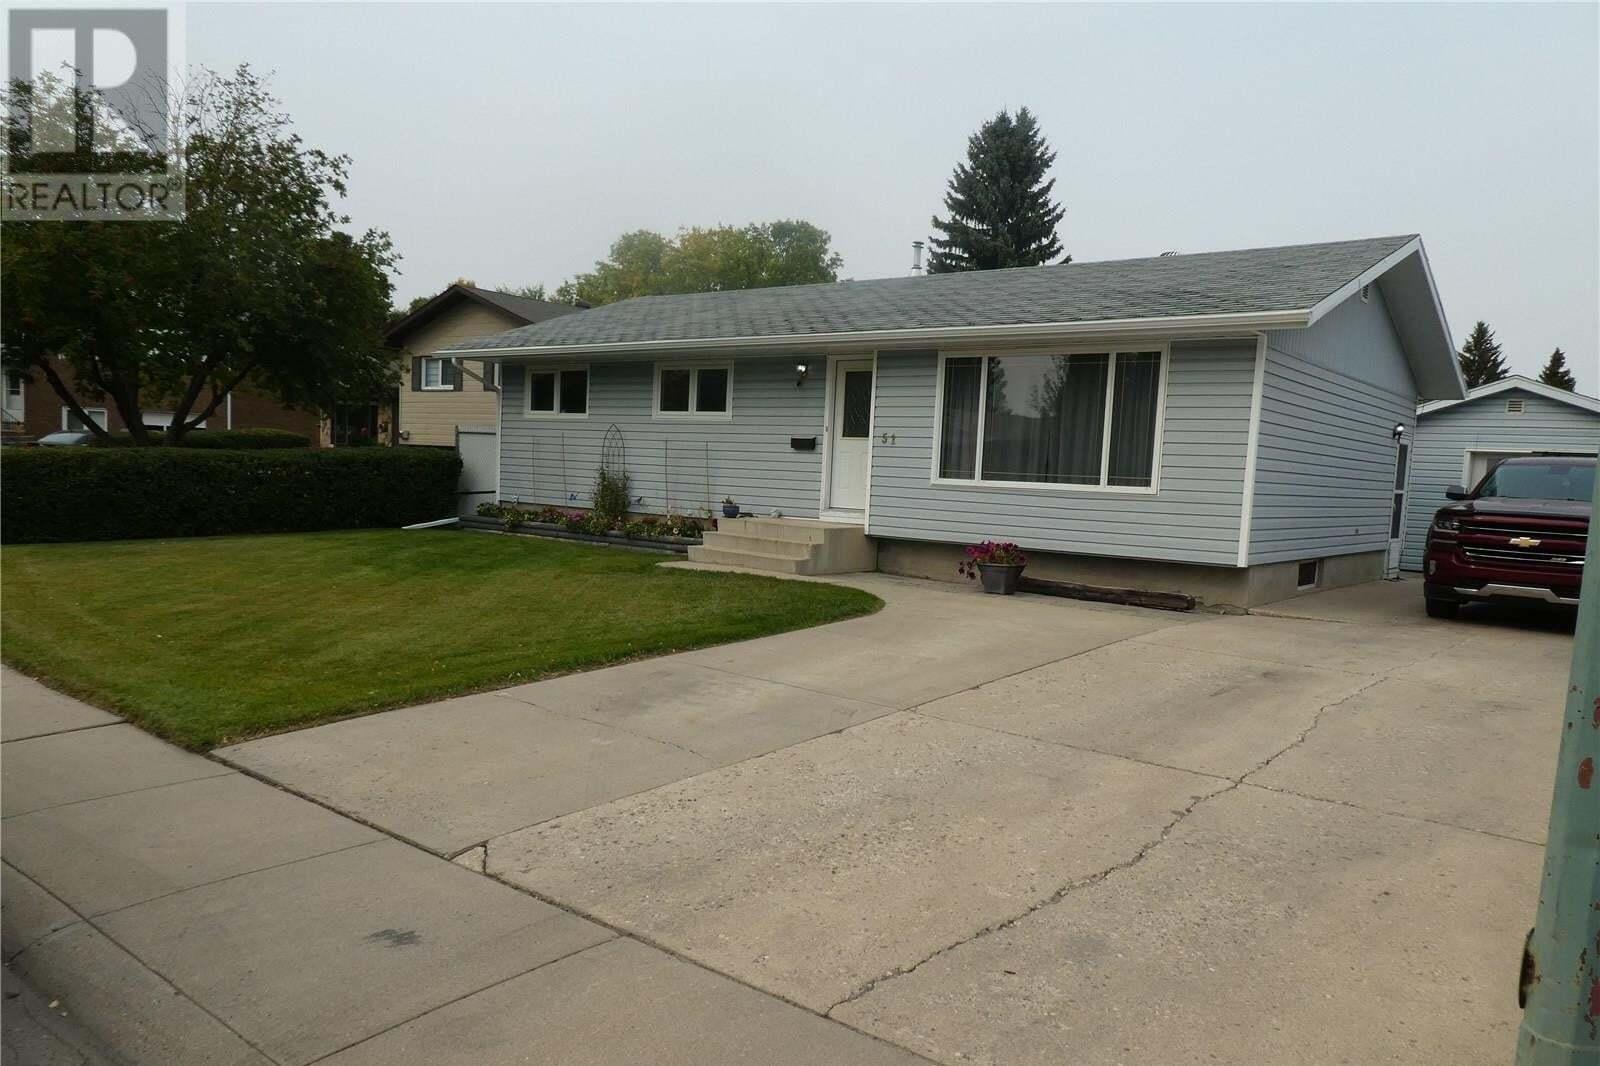 House for sale at 51 Jordan Pl Saskatoon Saskatchewan - MLS: SK827447